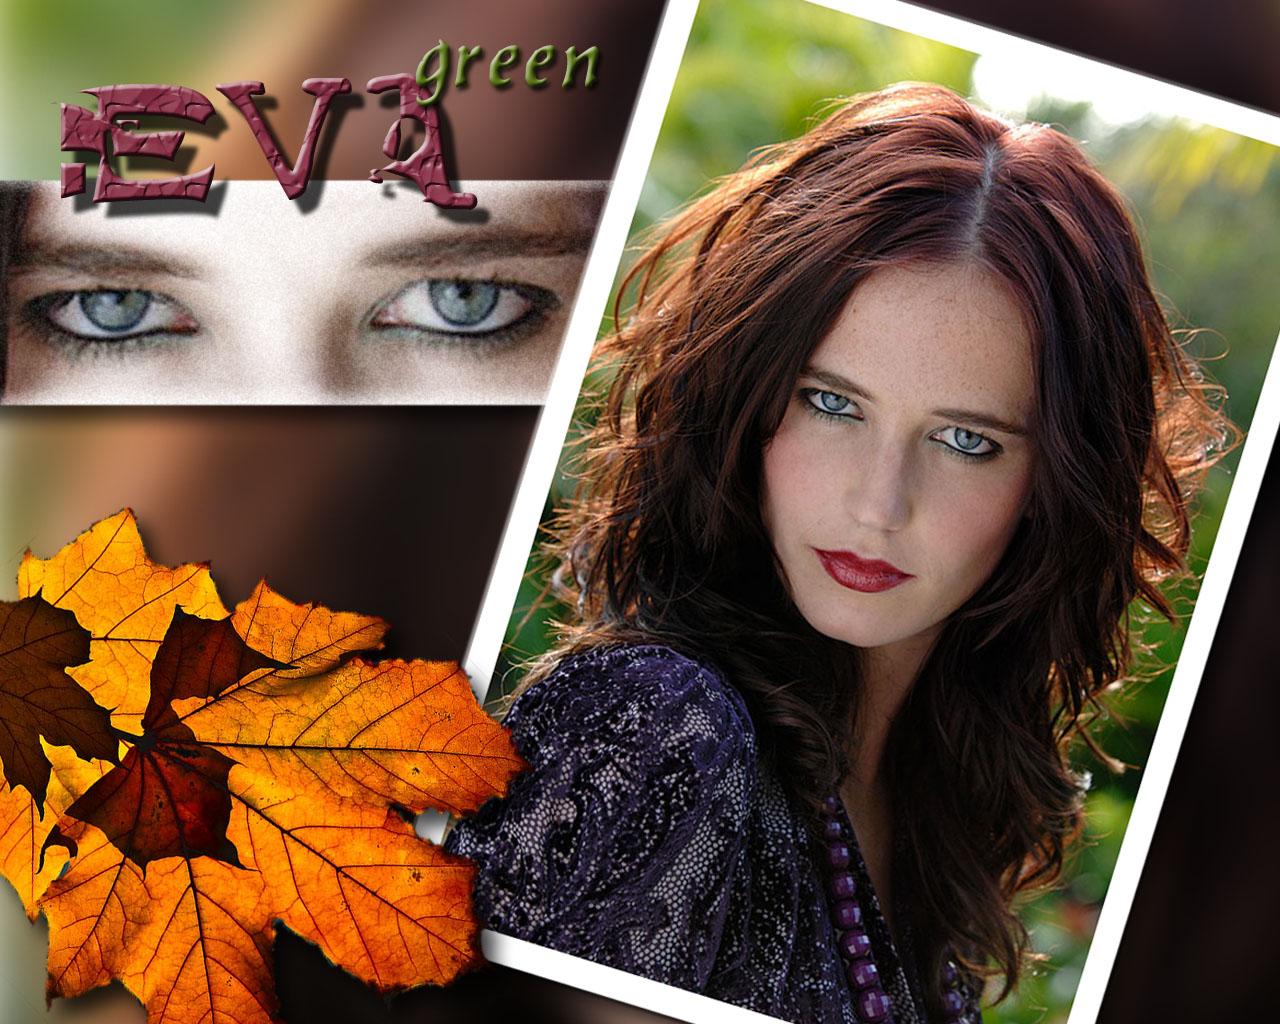 http://1.bp.blogspot.com/-qKrIBmR3nhk/TrwqcavdmaI/AAAAAAAAAmc/X_KjR3ys_v0/s1600/Eva+Green+Picture-A+Bond+Girl-49.jpg